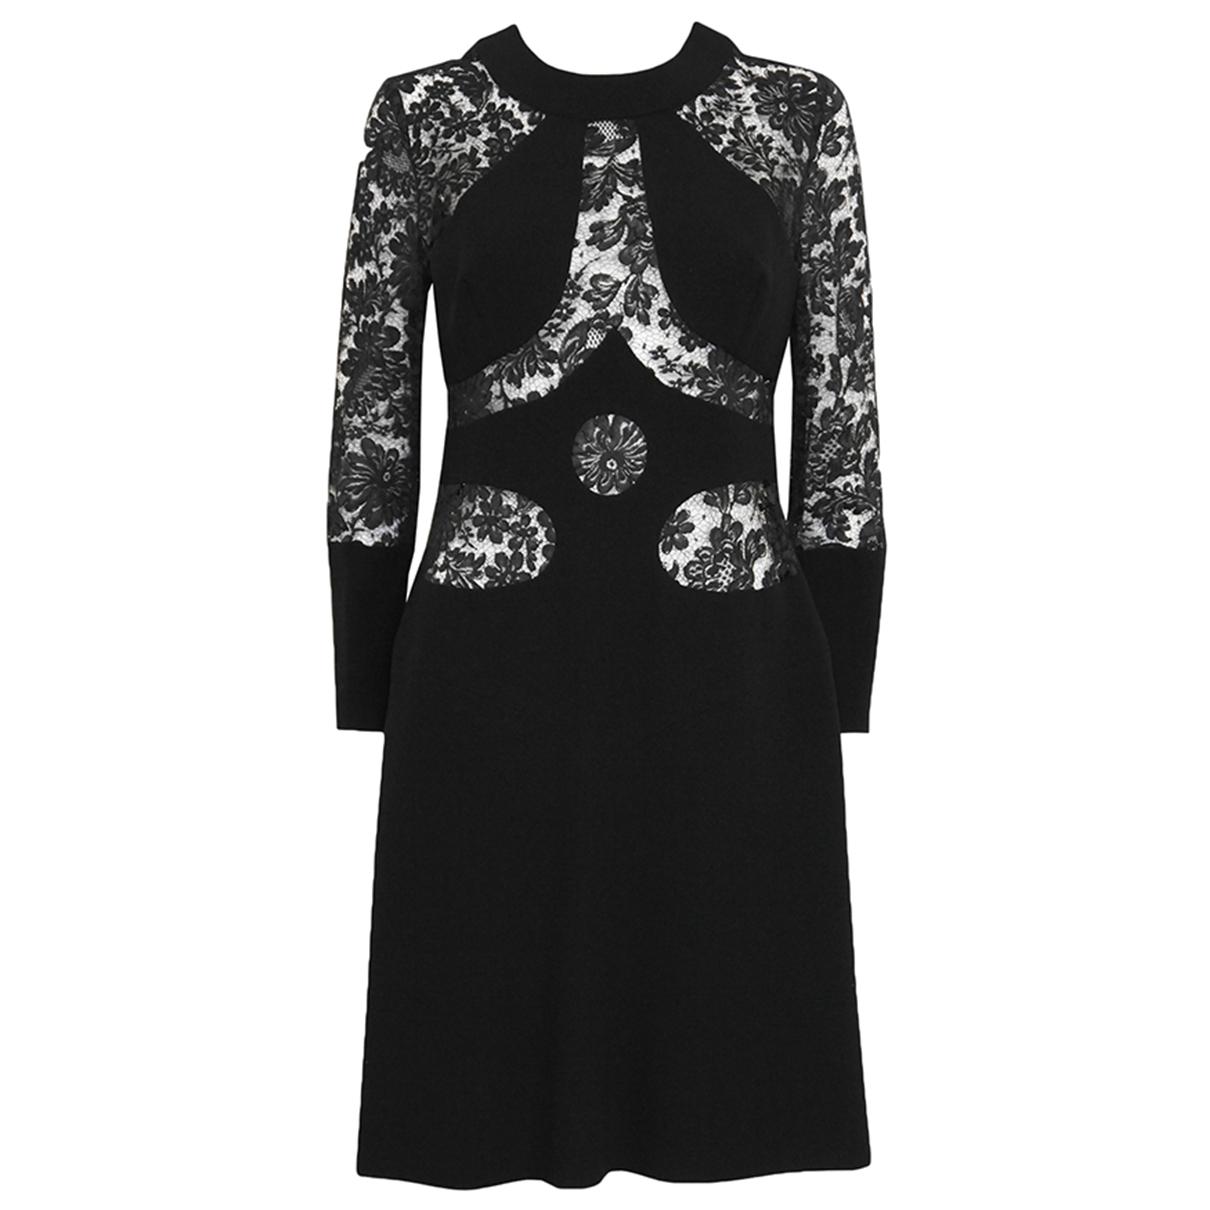 Louis Feraud \N Black Lace dress for Women S International